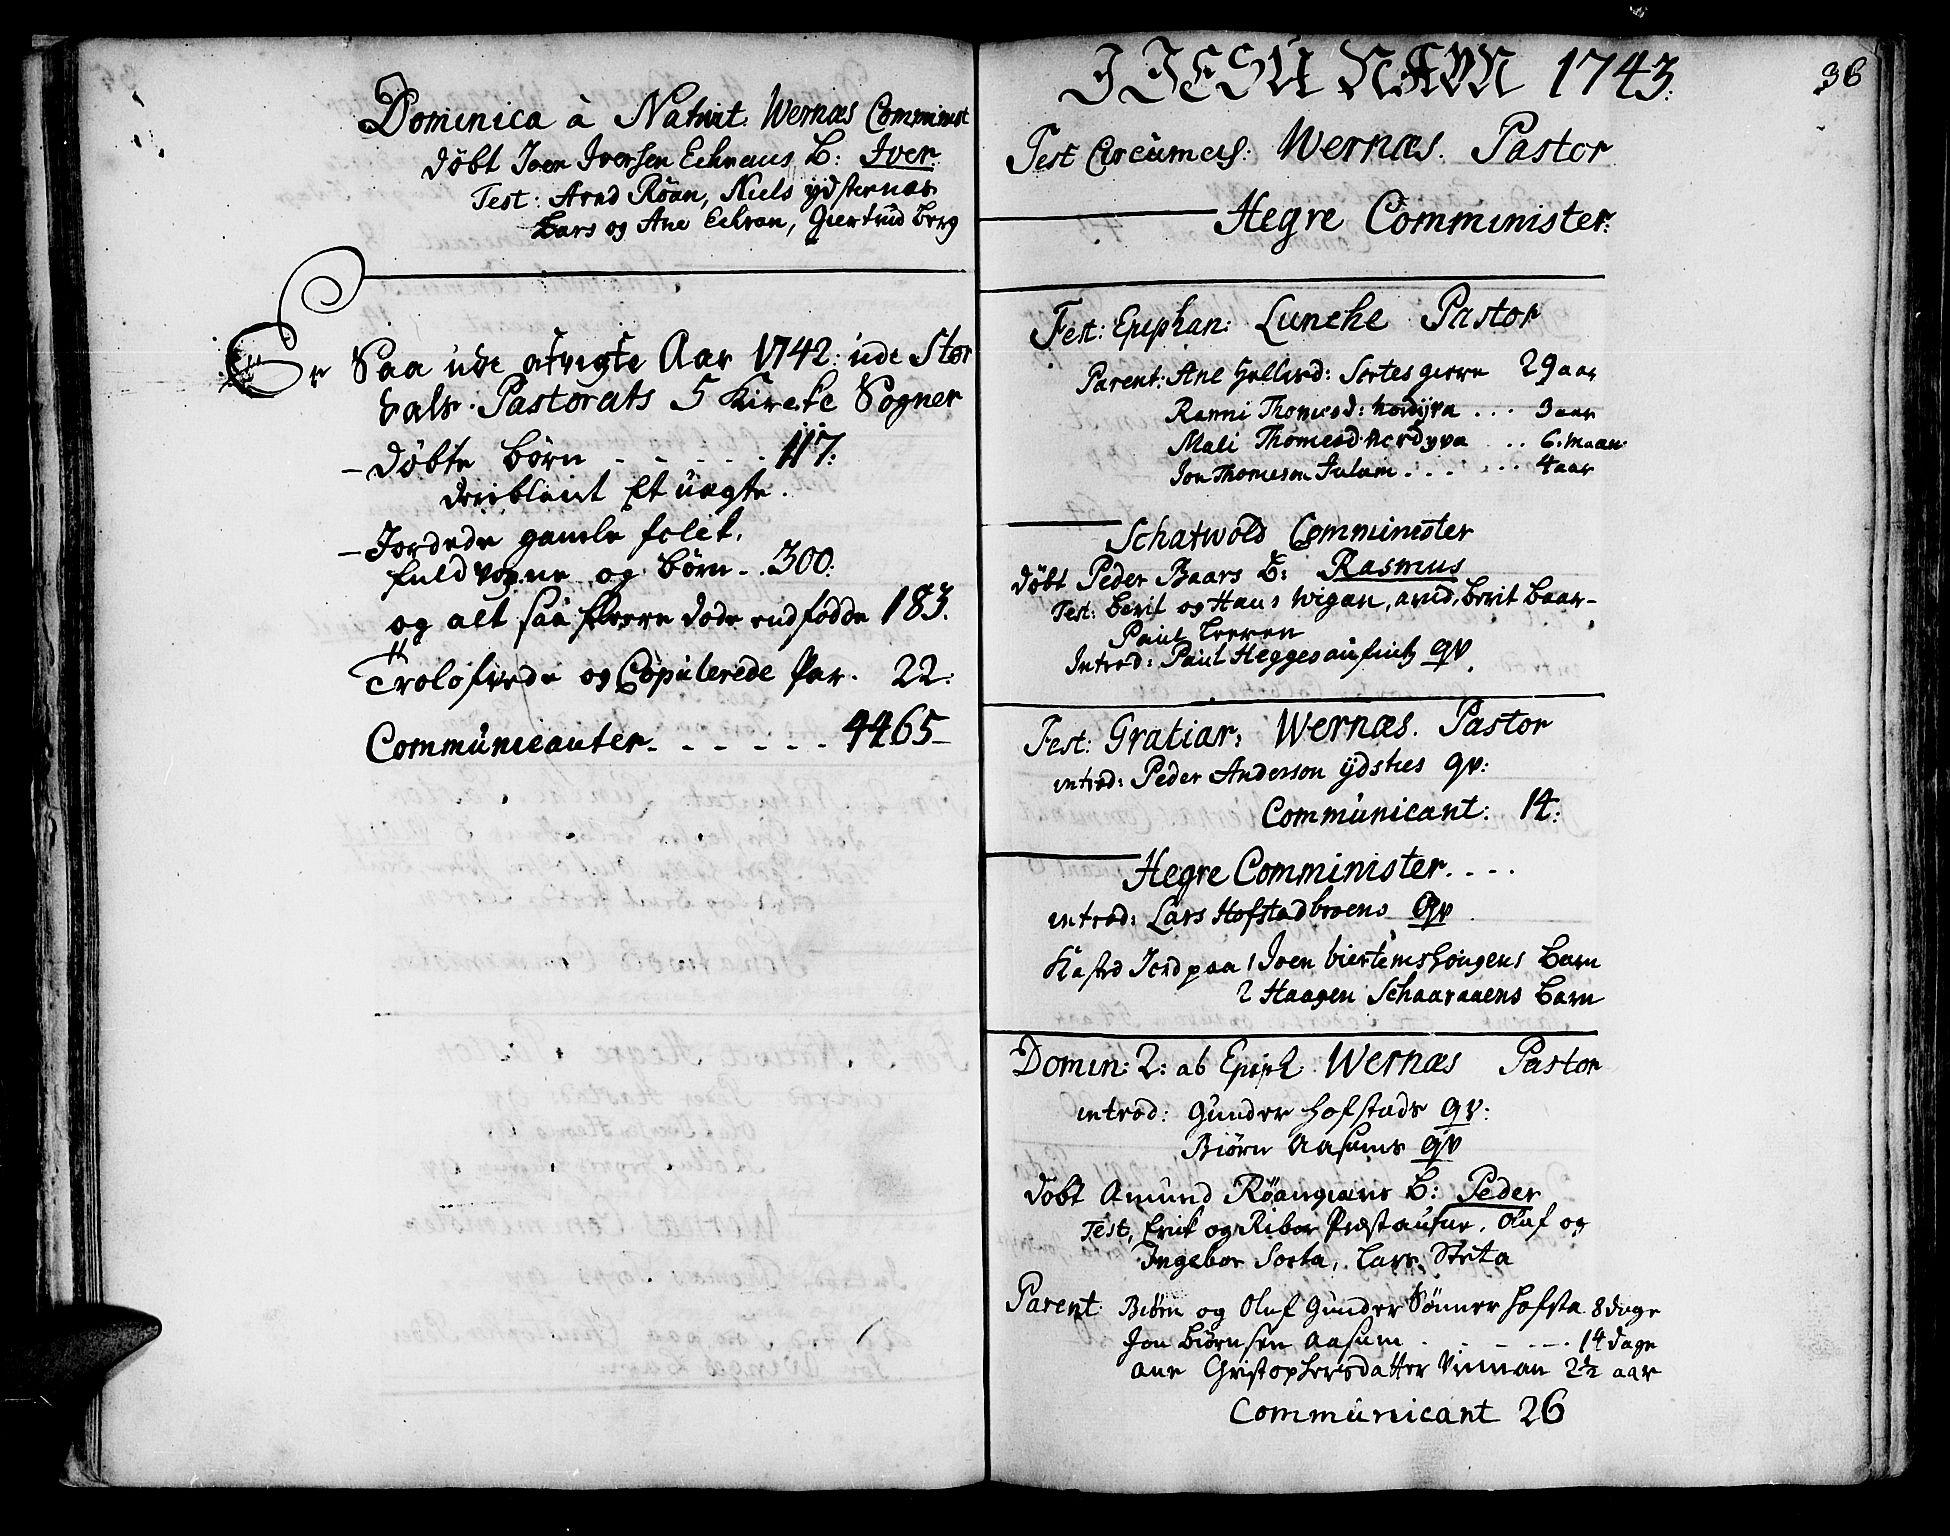 SAT, Ministerialprotokoller, klokkerbøker og fødselsregistre - Nord-Trøndelag, 709/L0056: Ministerialbok nr. 709A04, 1740-1756, s. 36